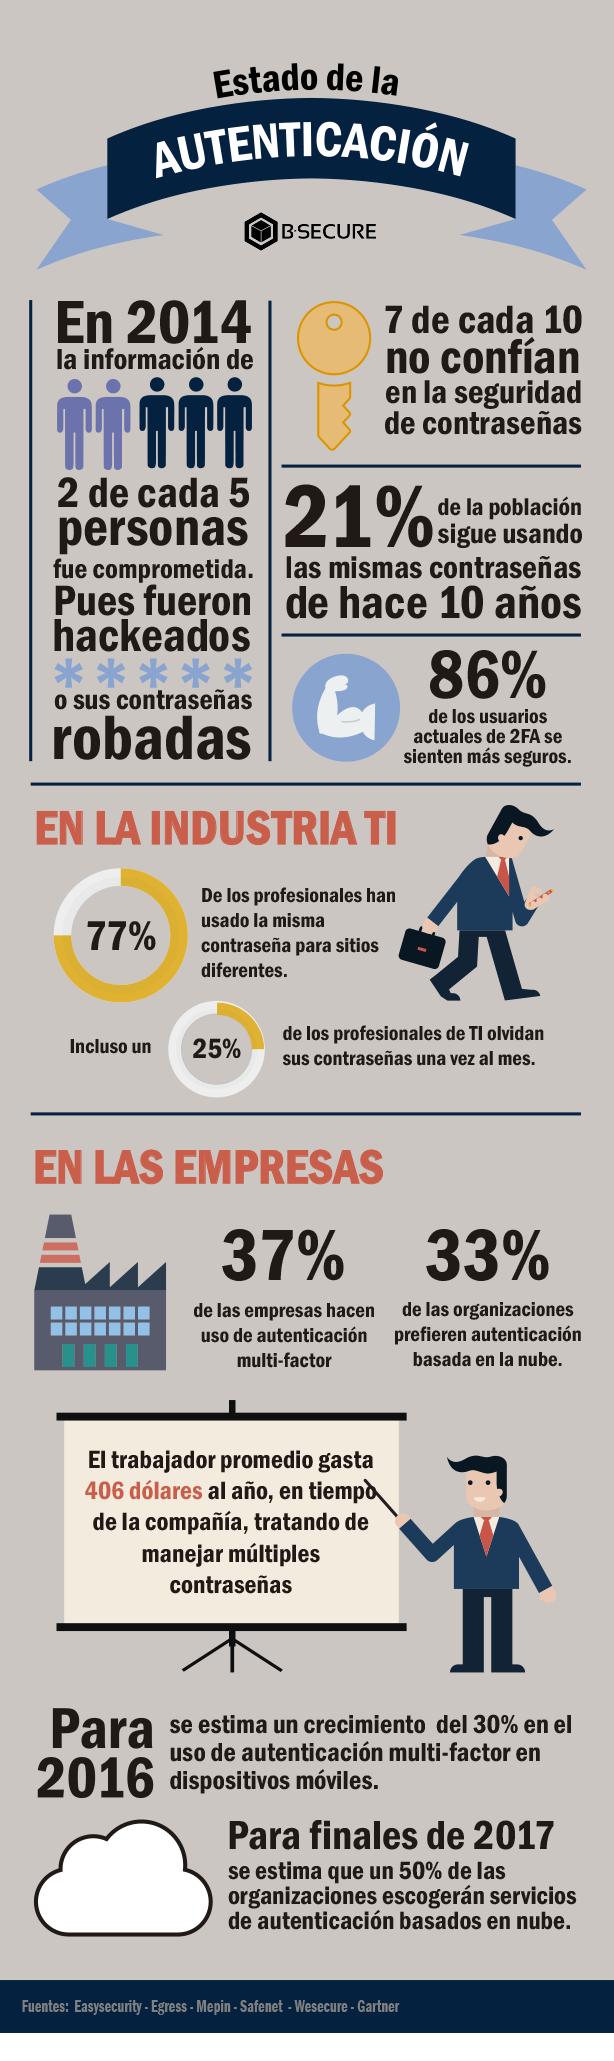 autenticacion_infografia